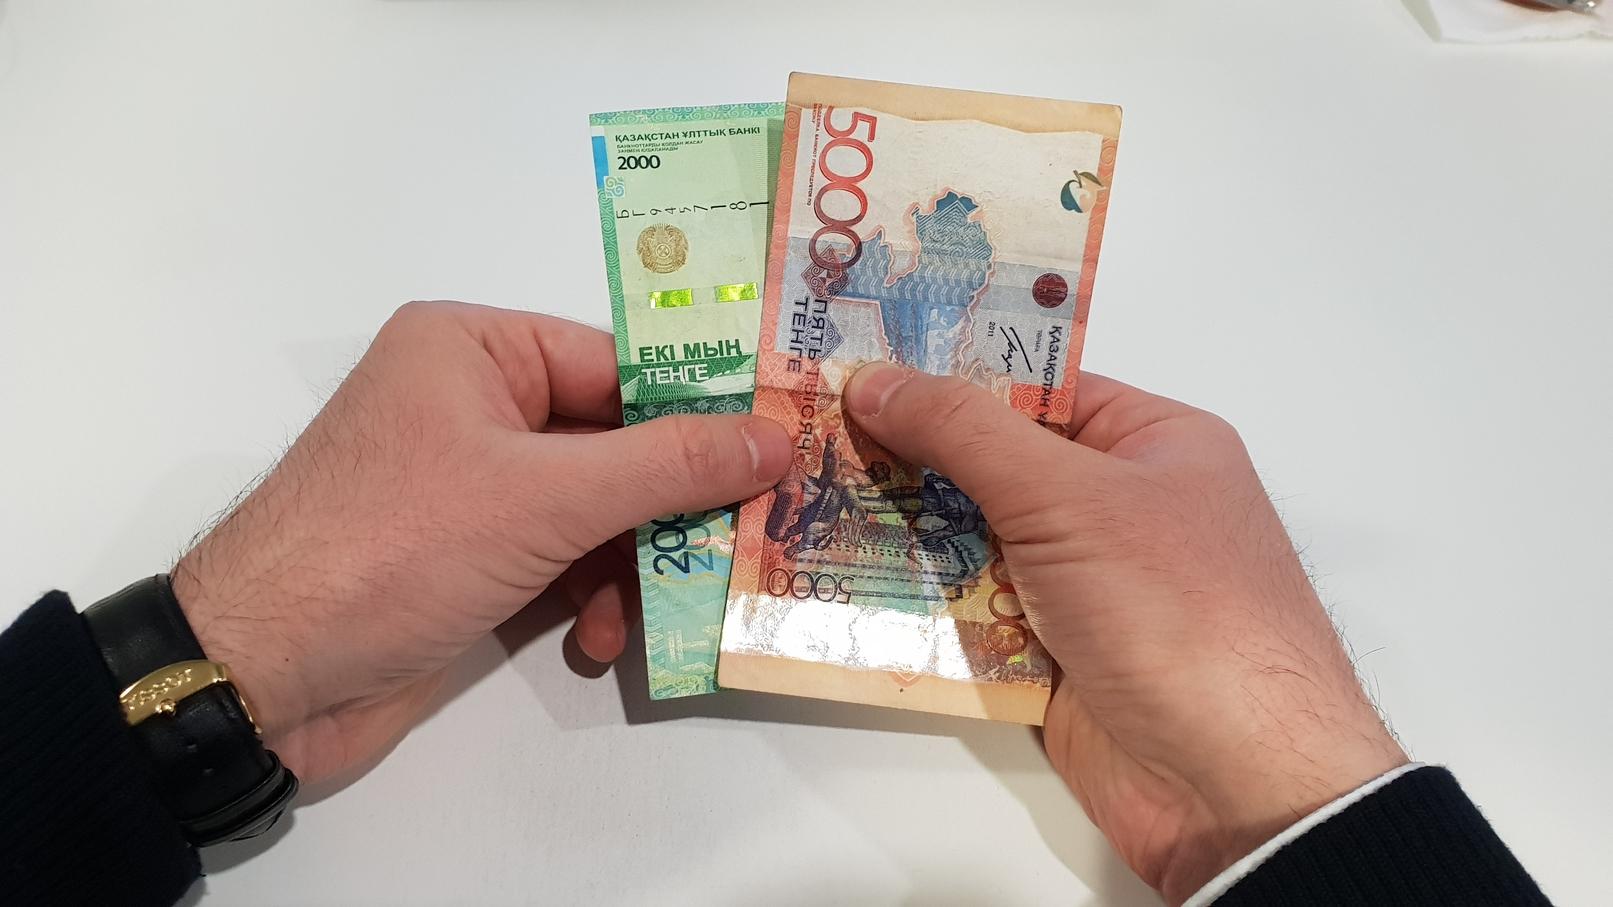 Markaziy Osiyo davlatlari mustaqil boʻlib borar ekan, Qozog'iston yangi banknotalardan rus tilini olib tashlamoqda